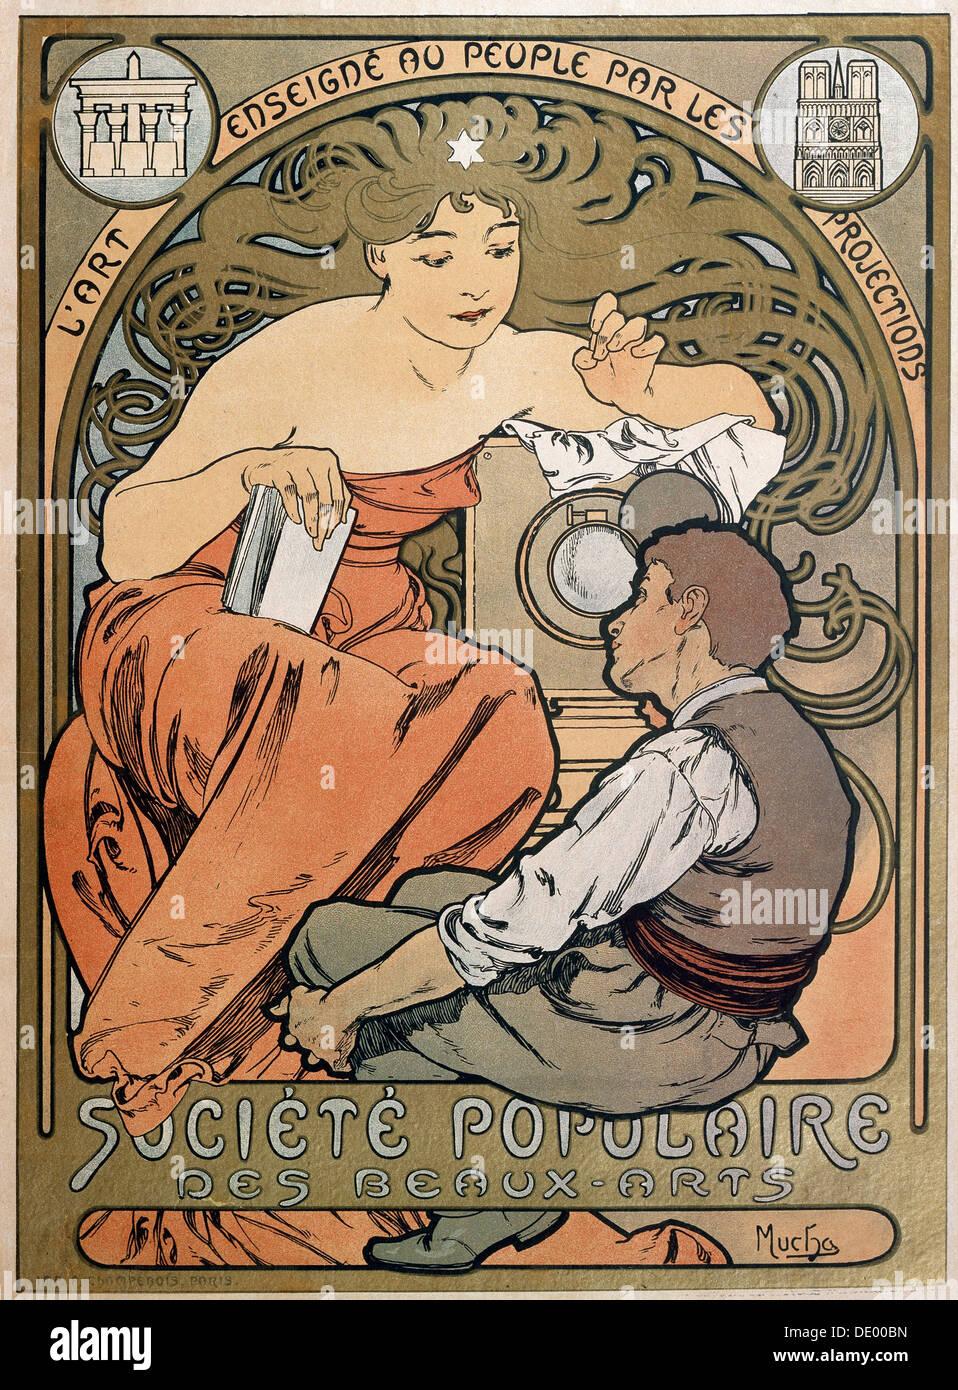 Cartel de la Société Populaire des Beaux Arts, 1897. Artista: Alphonse Mucha Foto de stock